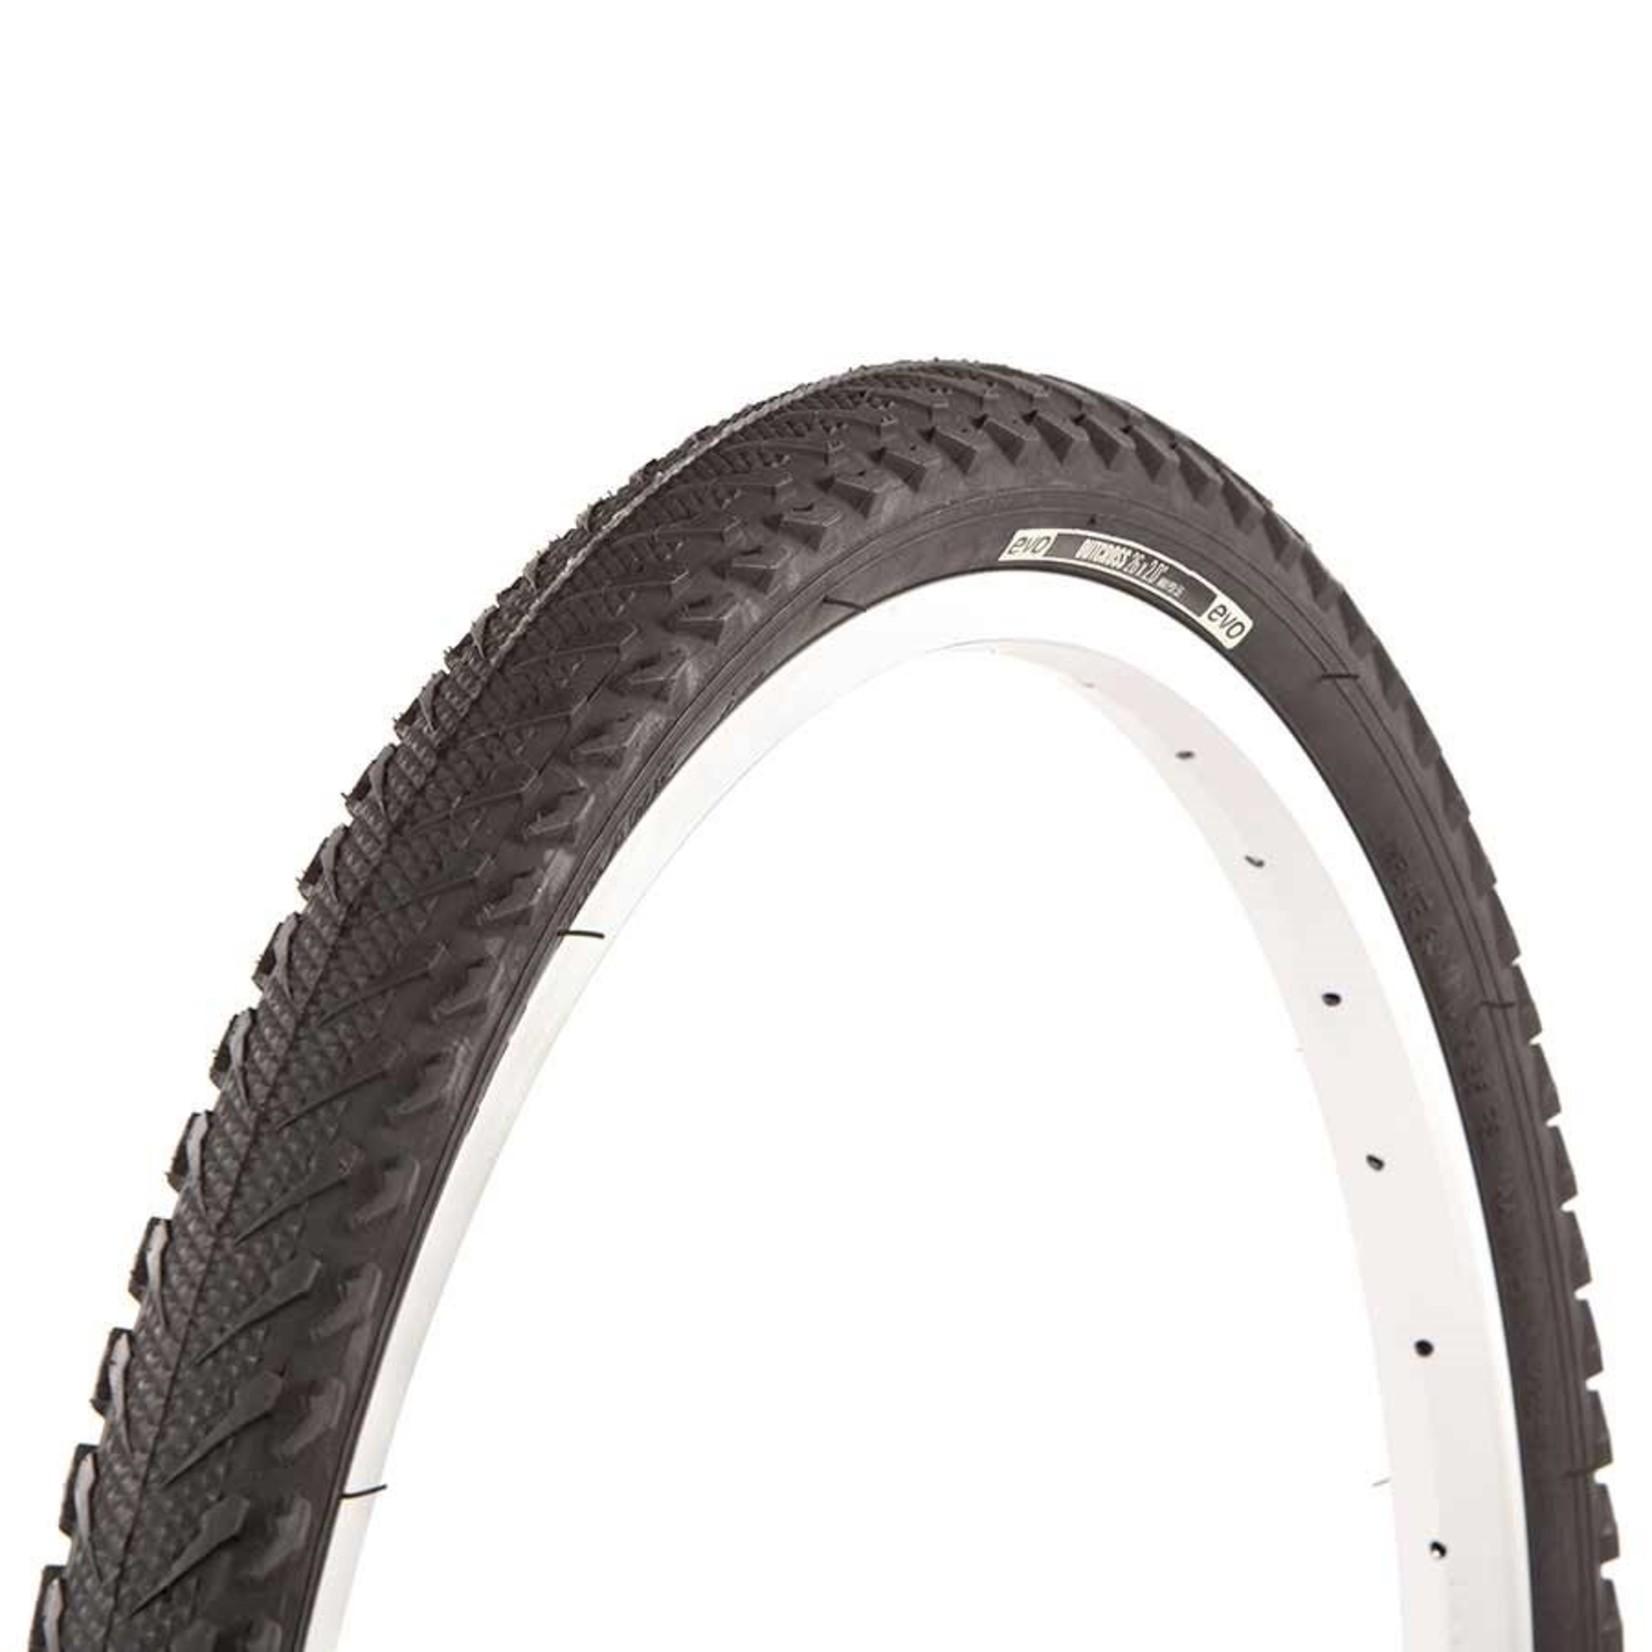 Evo Evo Outcross 26x2.00 Wire Bead Tire